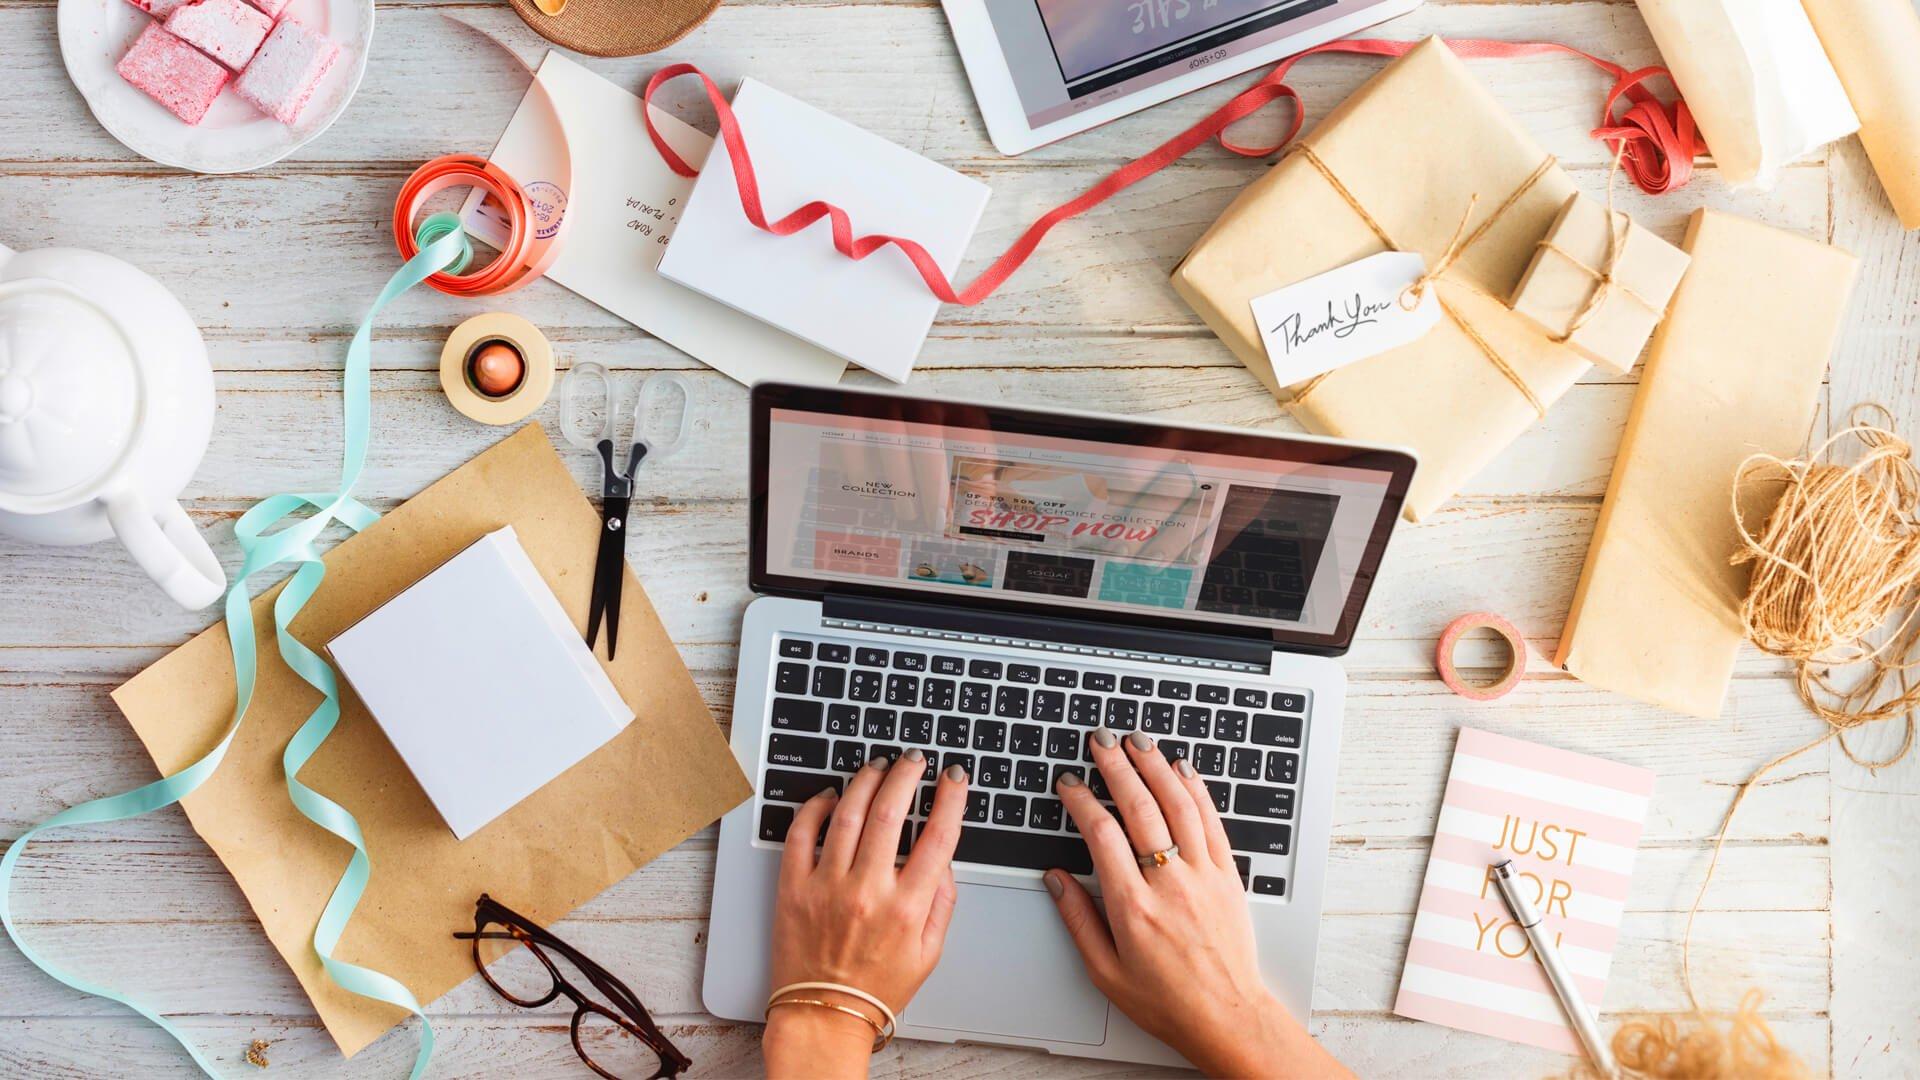 Mô hình kinh doanh phổ biến hiện nay là kết hợp kinh doanh online và offline